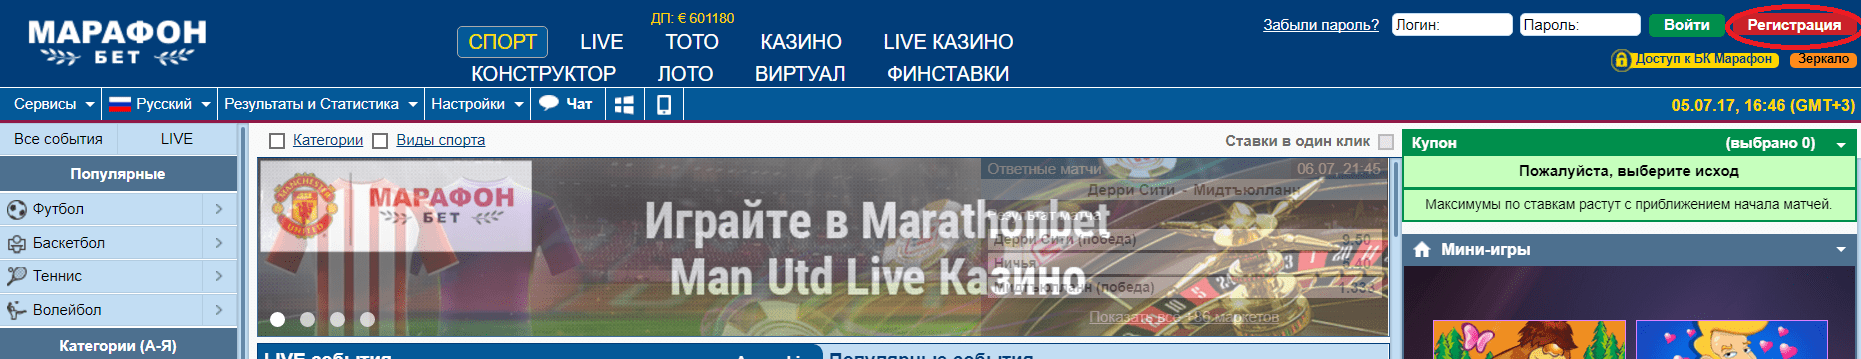 Казино марафон букмекерская контора